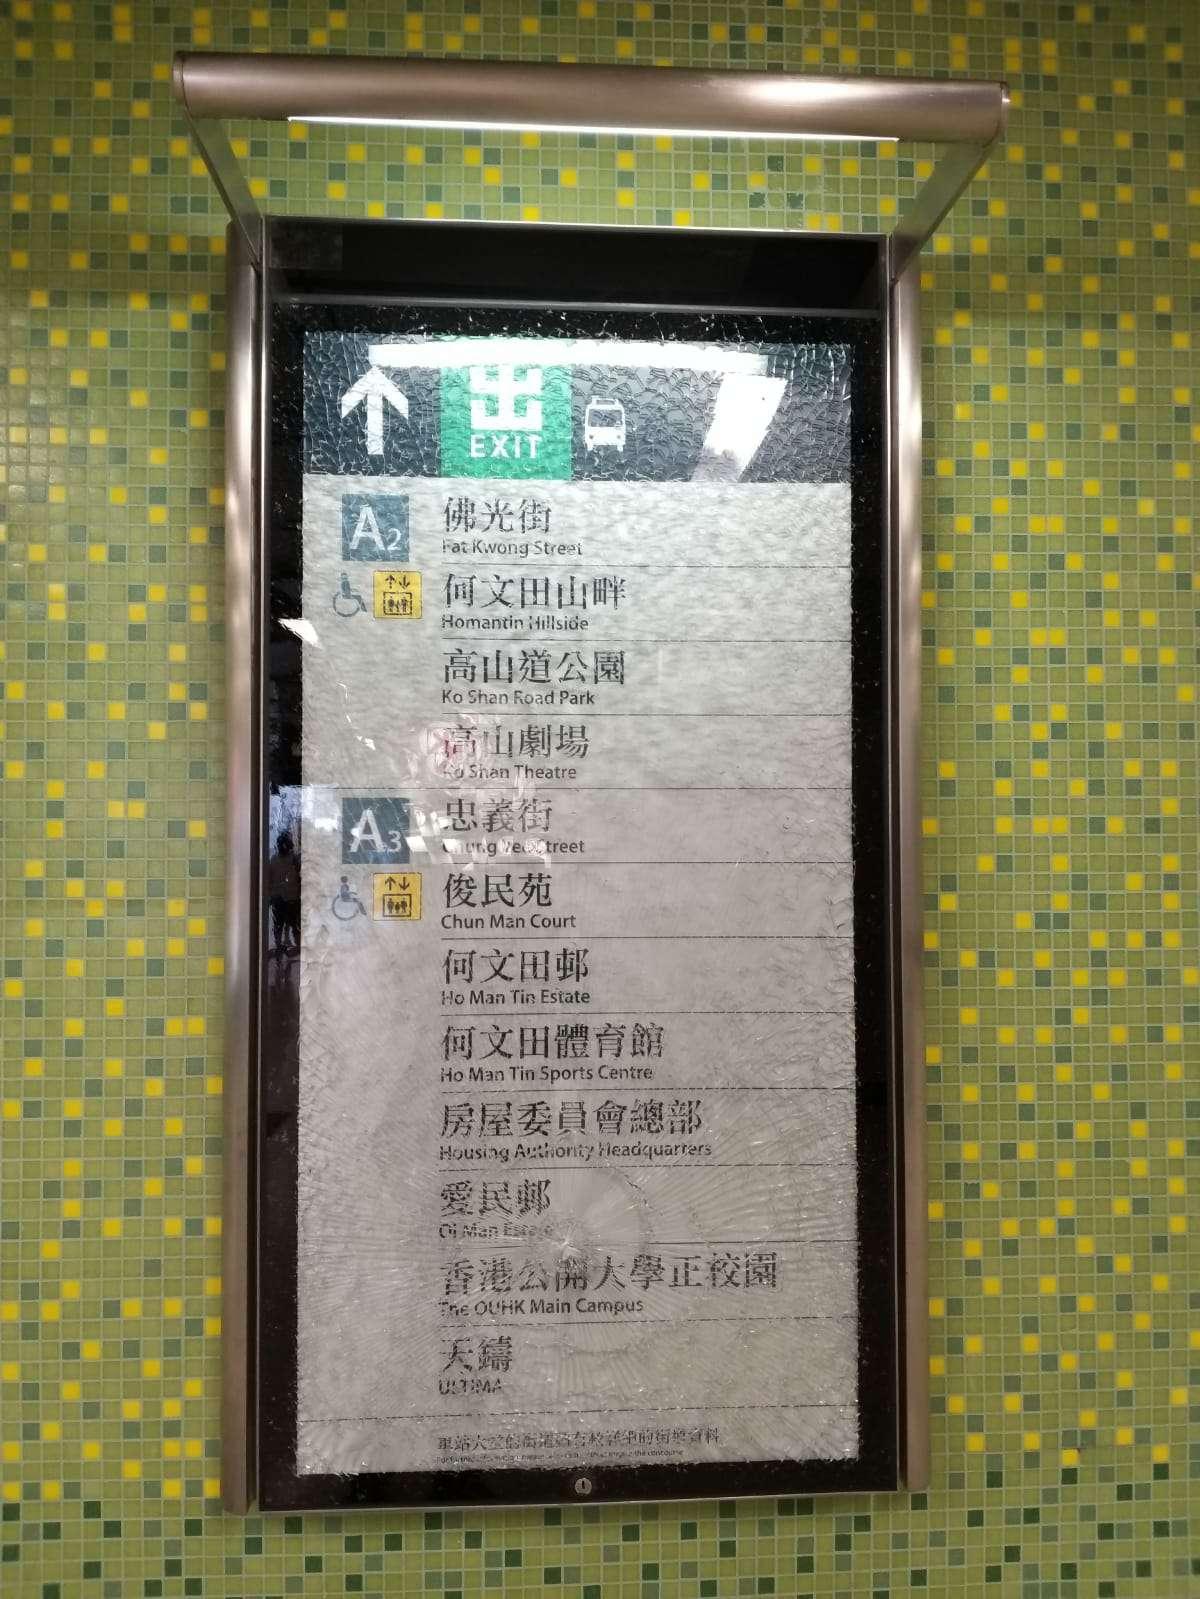 何文田站情況。港鐵提供